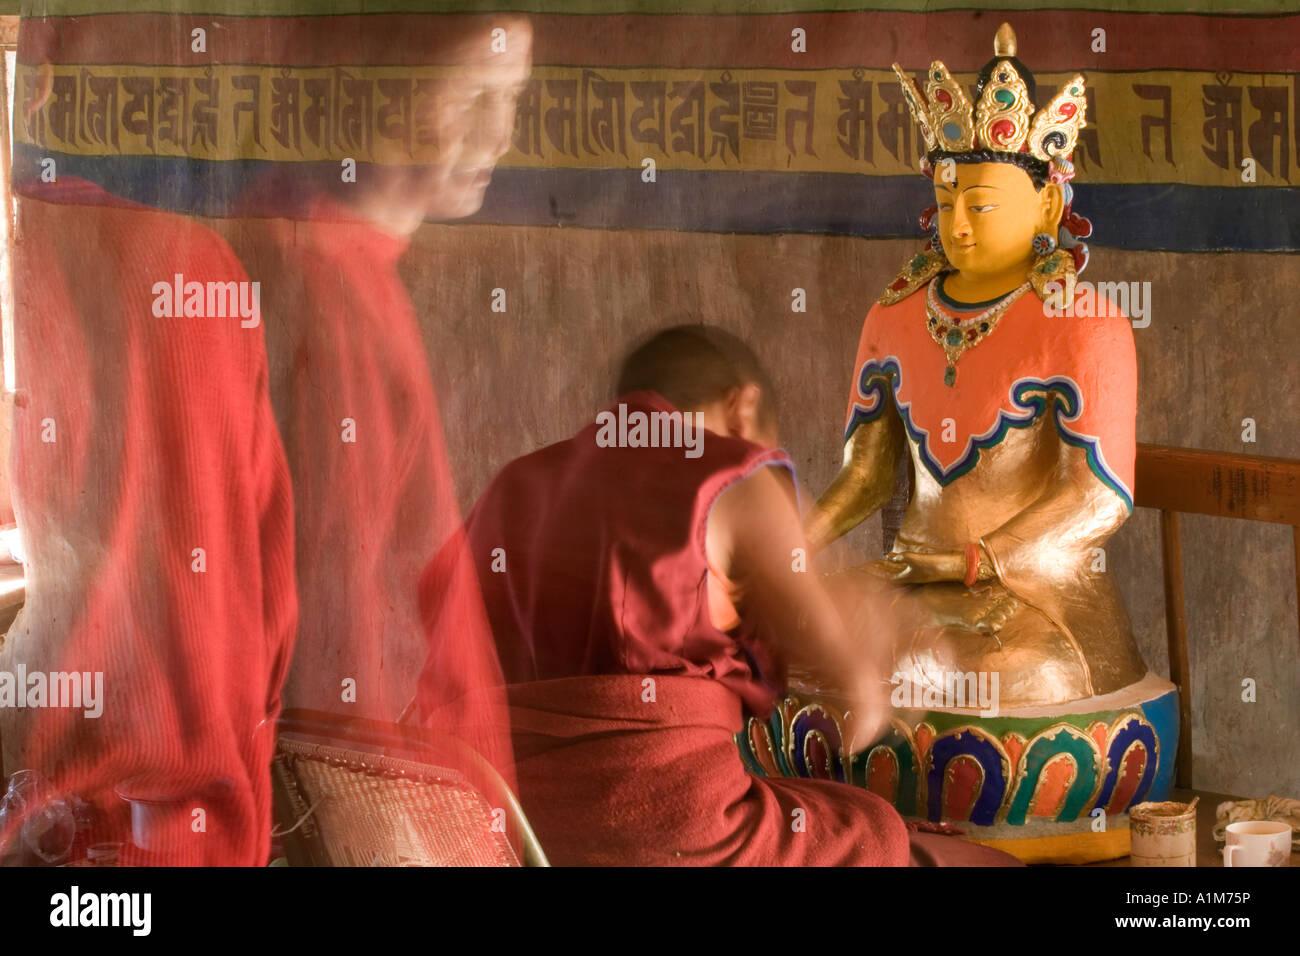 Le monastère de Thiksey, Thiksey, Ladakh, le Jammu-et-Cachemire, l'Inde Photo Stock